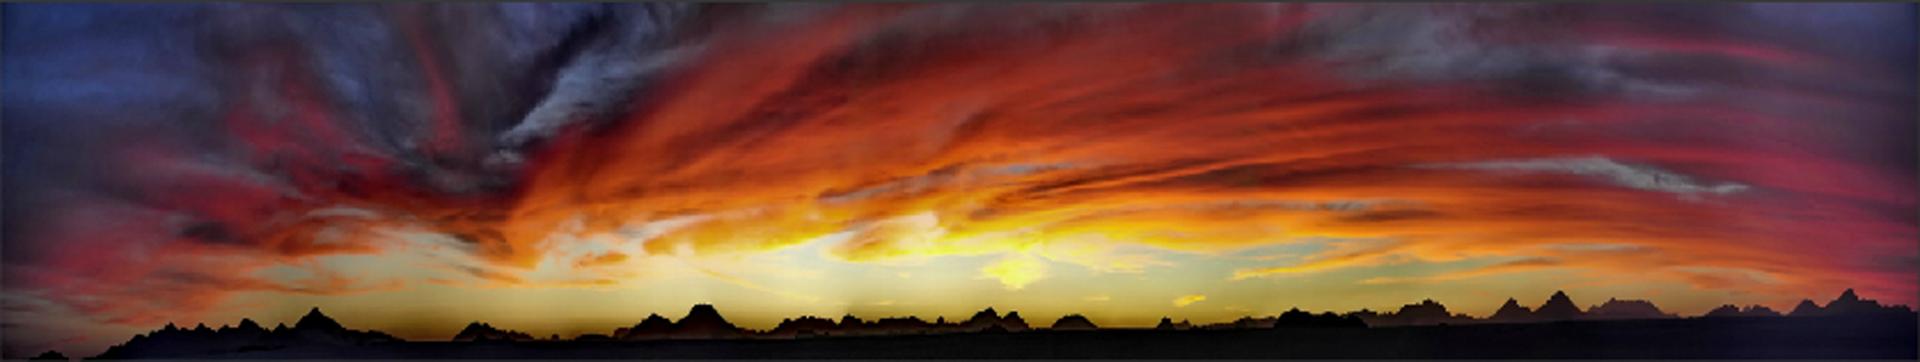 Startseite Panorama